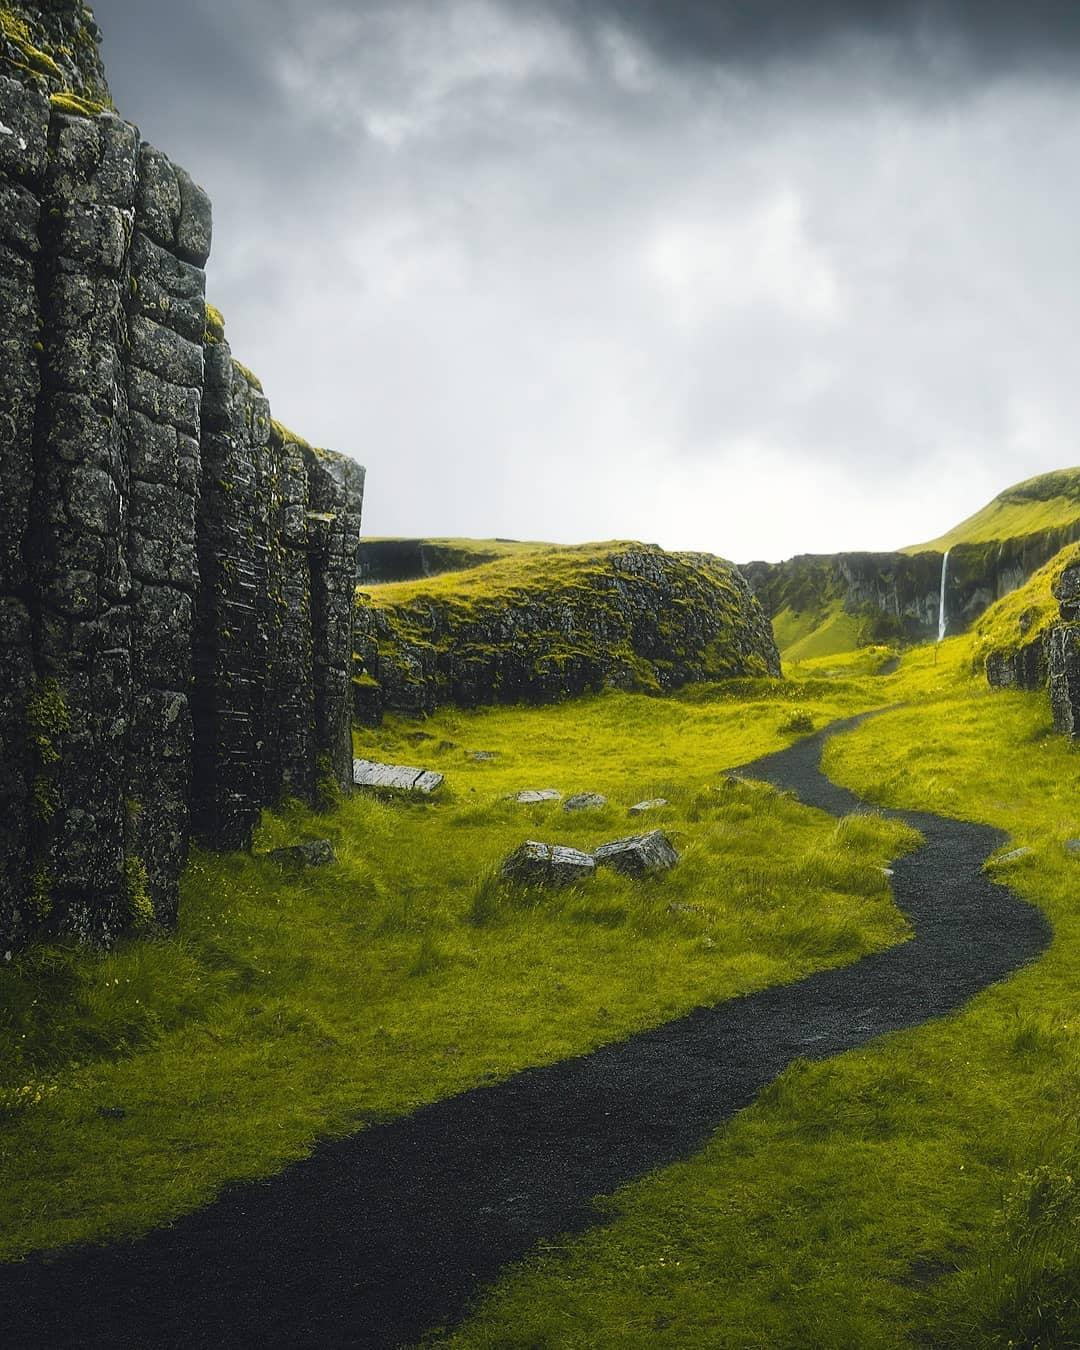 Захватывающие пейзажи на снимках Фредрика Стремме